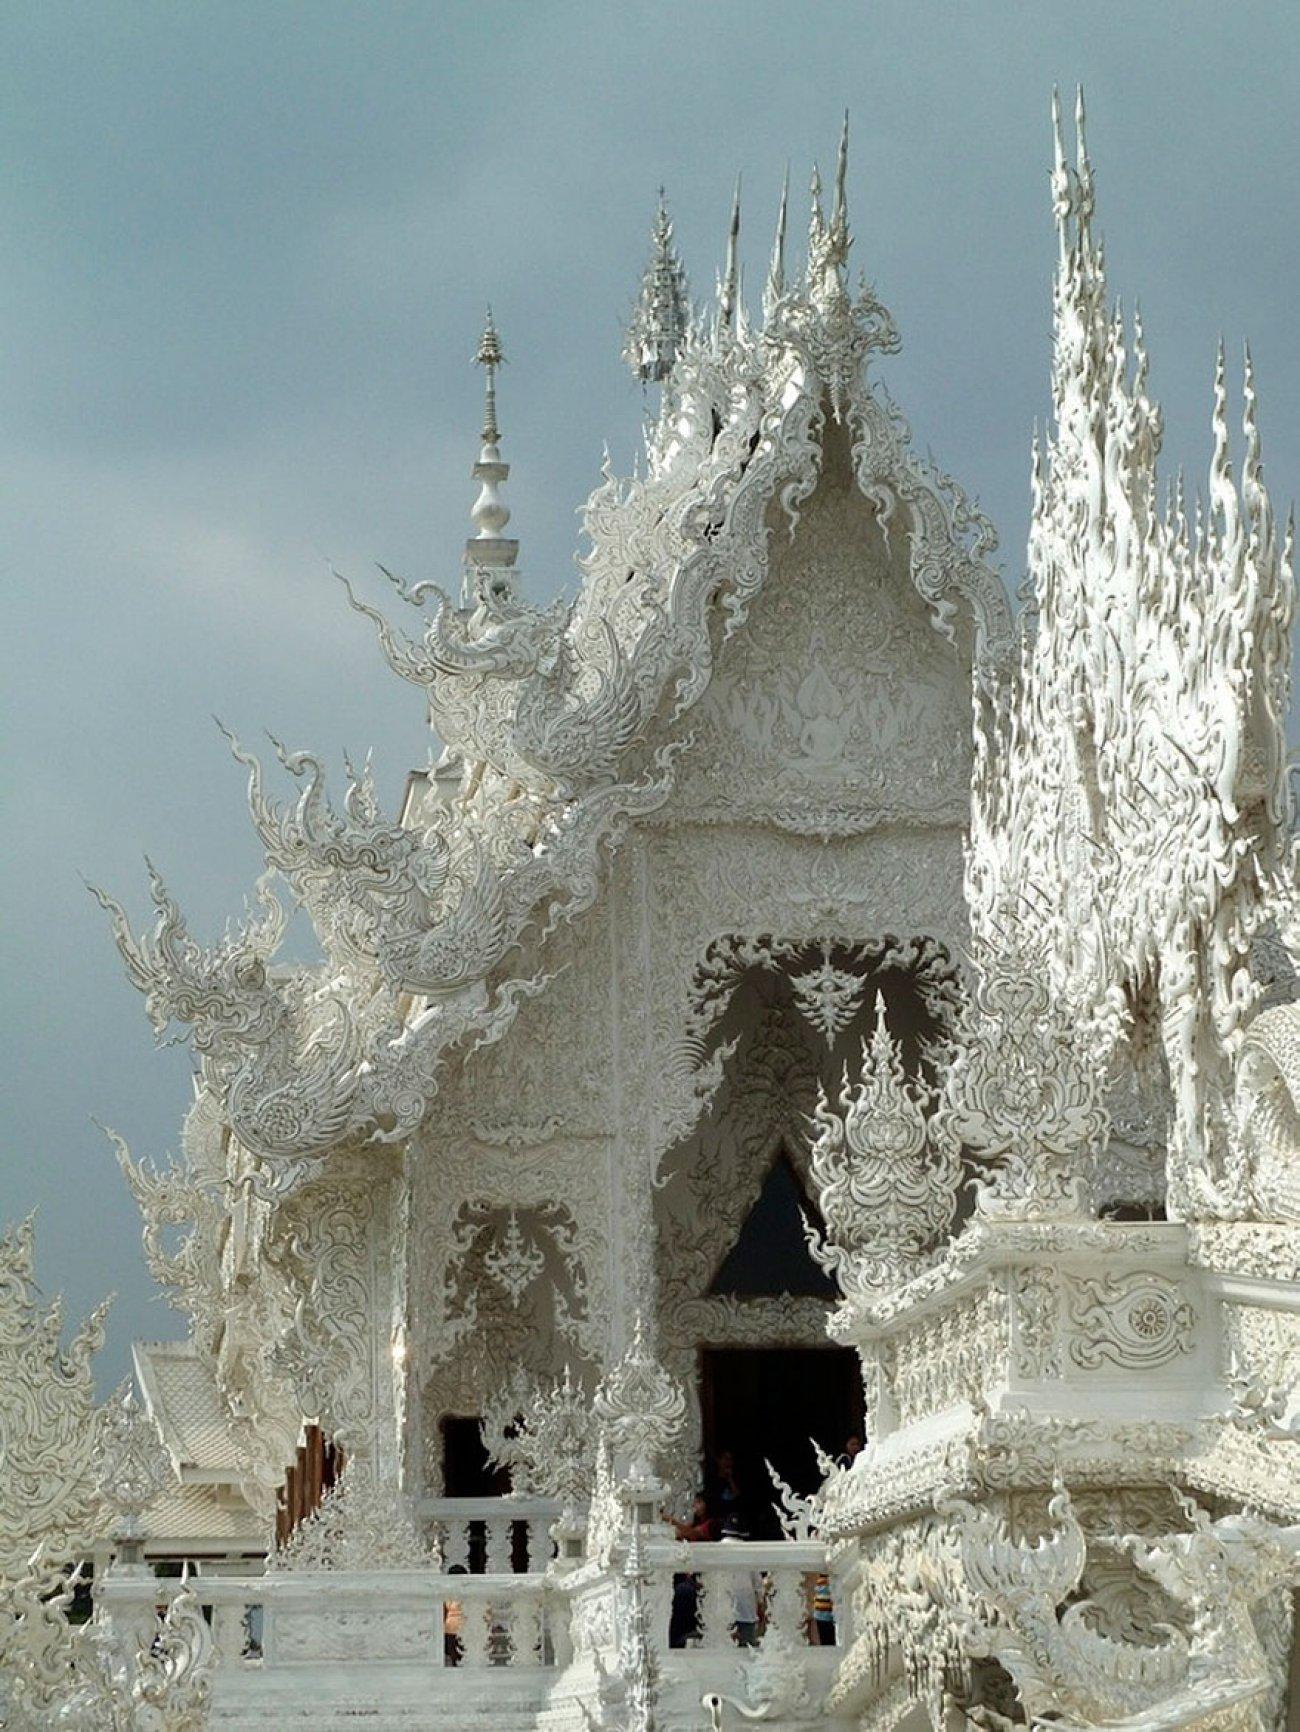 ce-temple-bouddhiste-de-thailande-est-d-une-beaute-epoustouflante-13